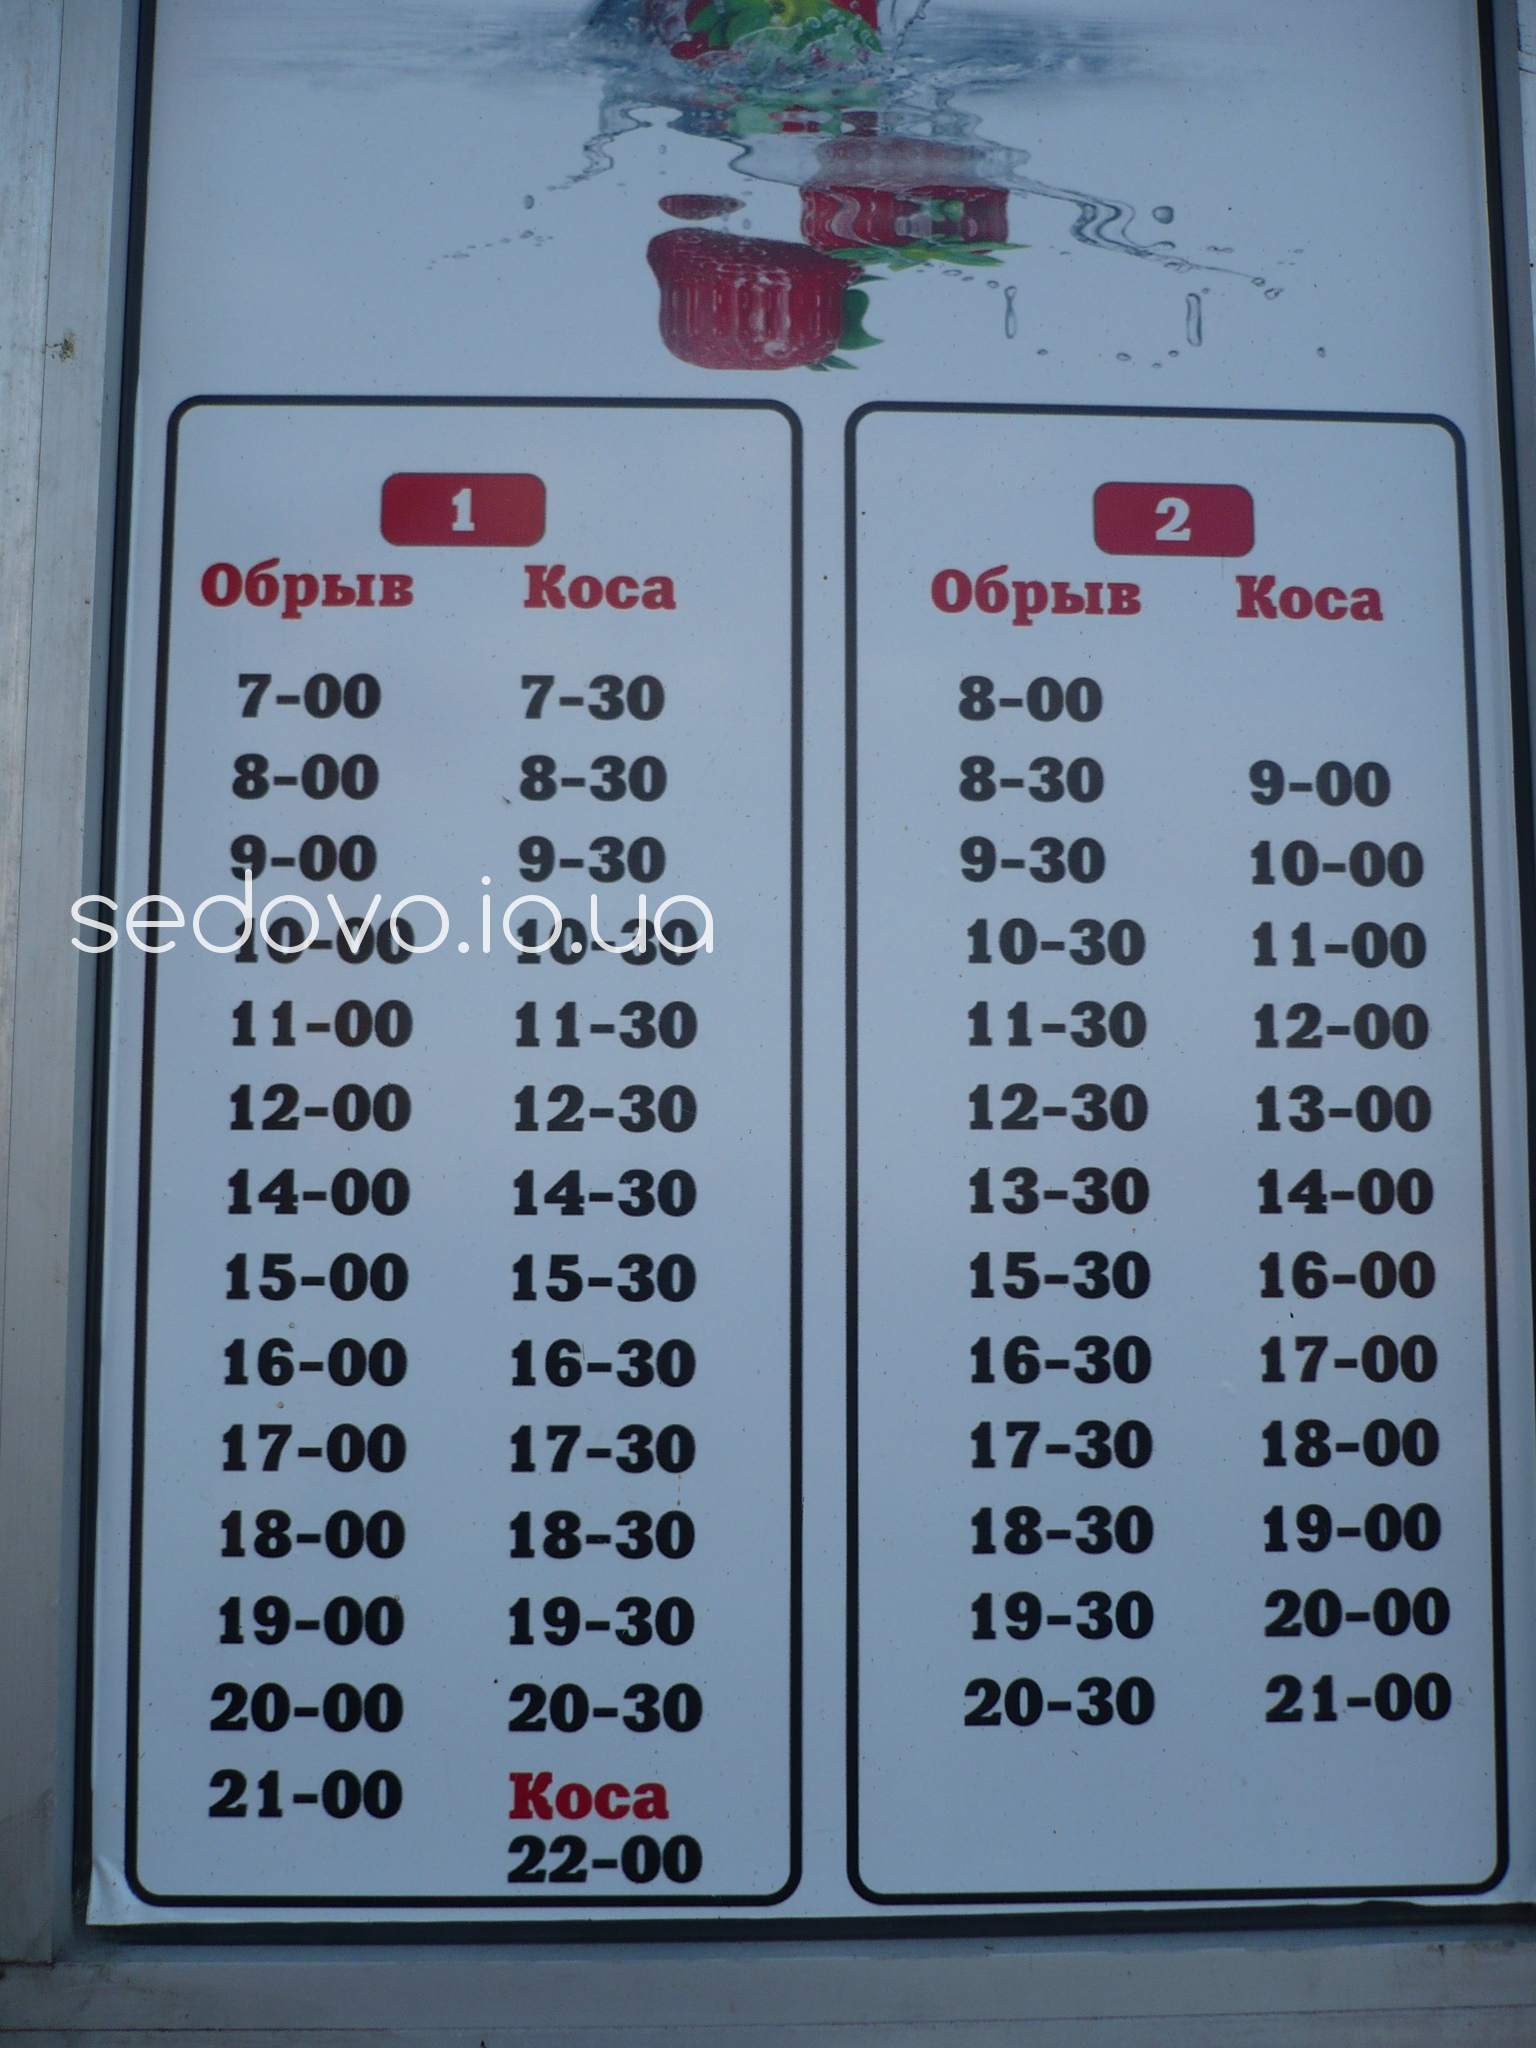 Расписание автобус Коса Обрыв в Седово